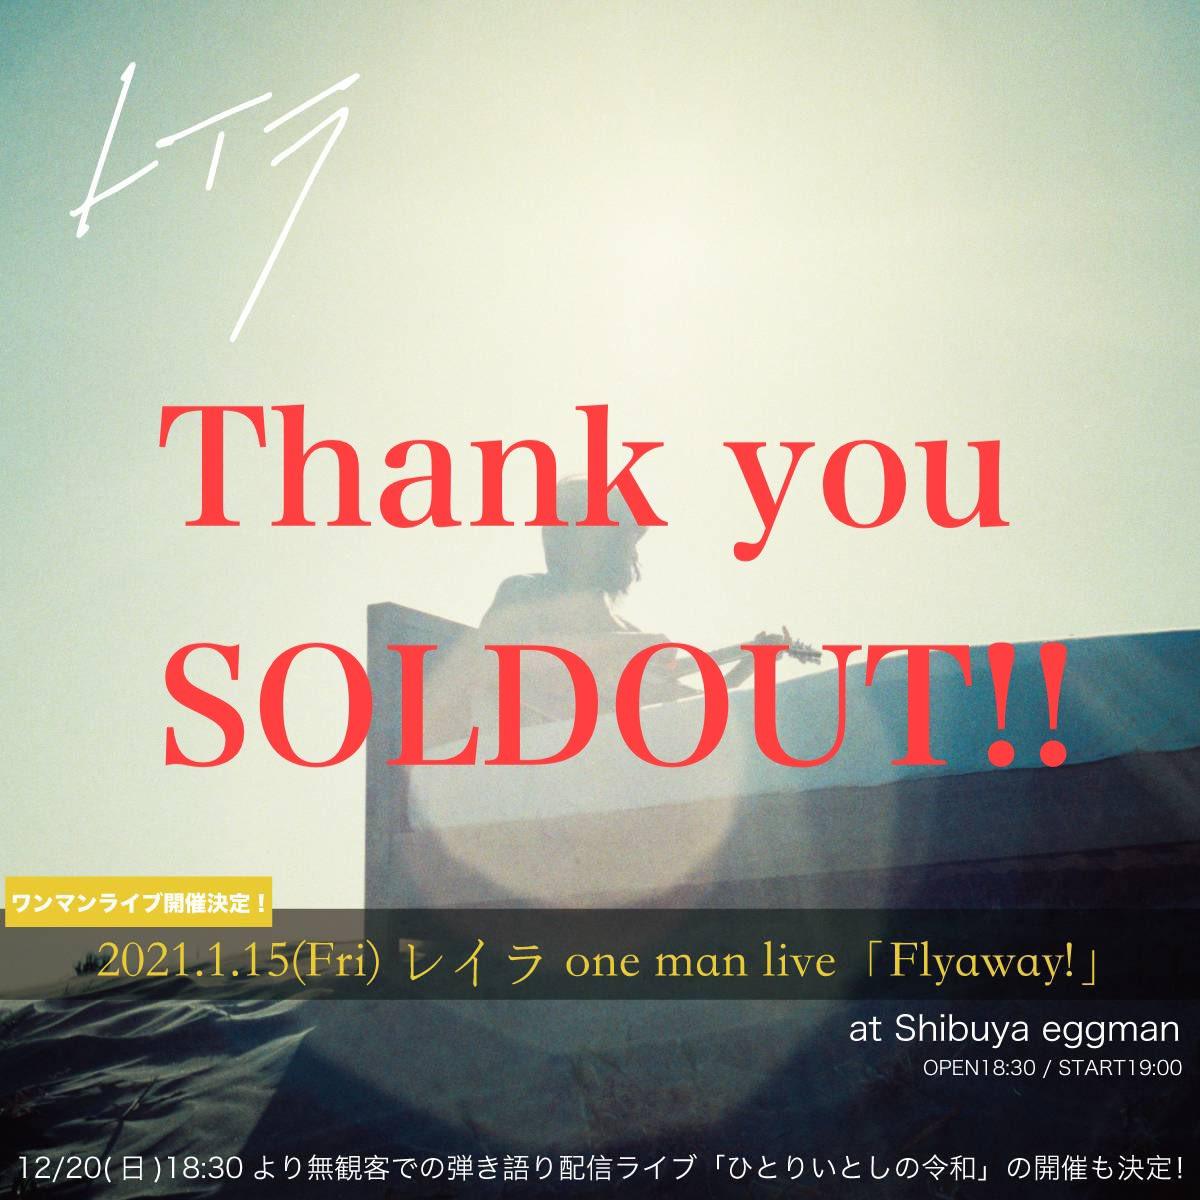 【開催延期】レイラ one man live「Flyaway!」